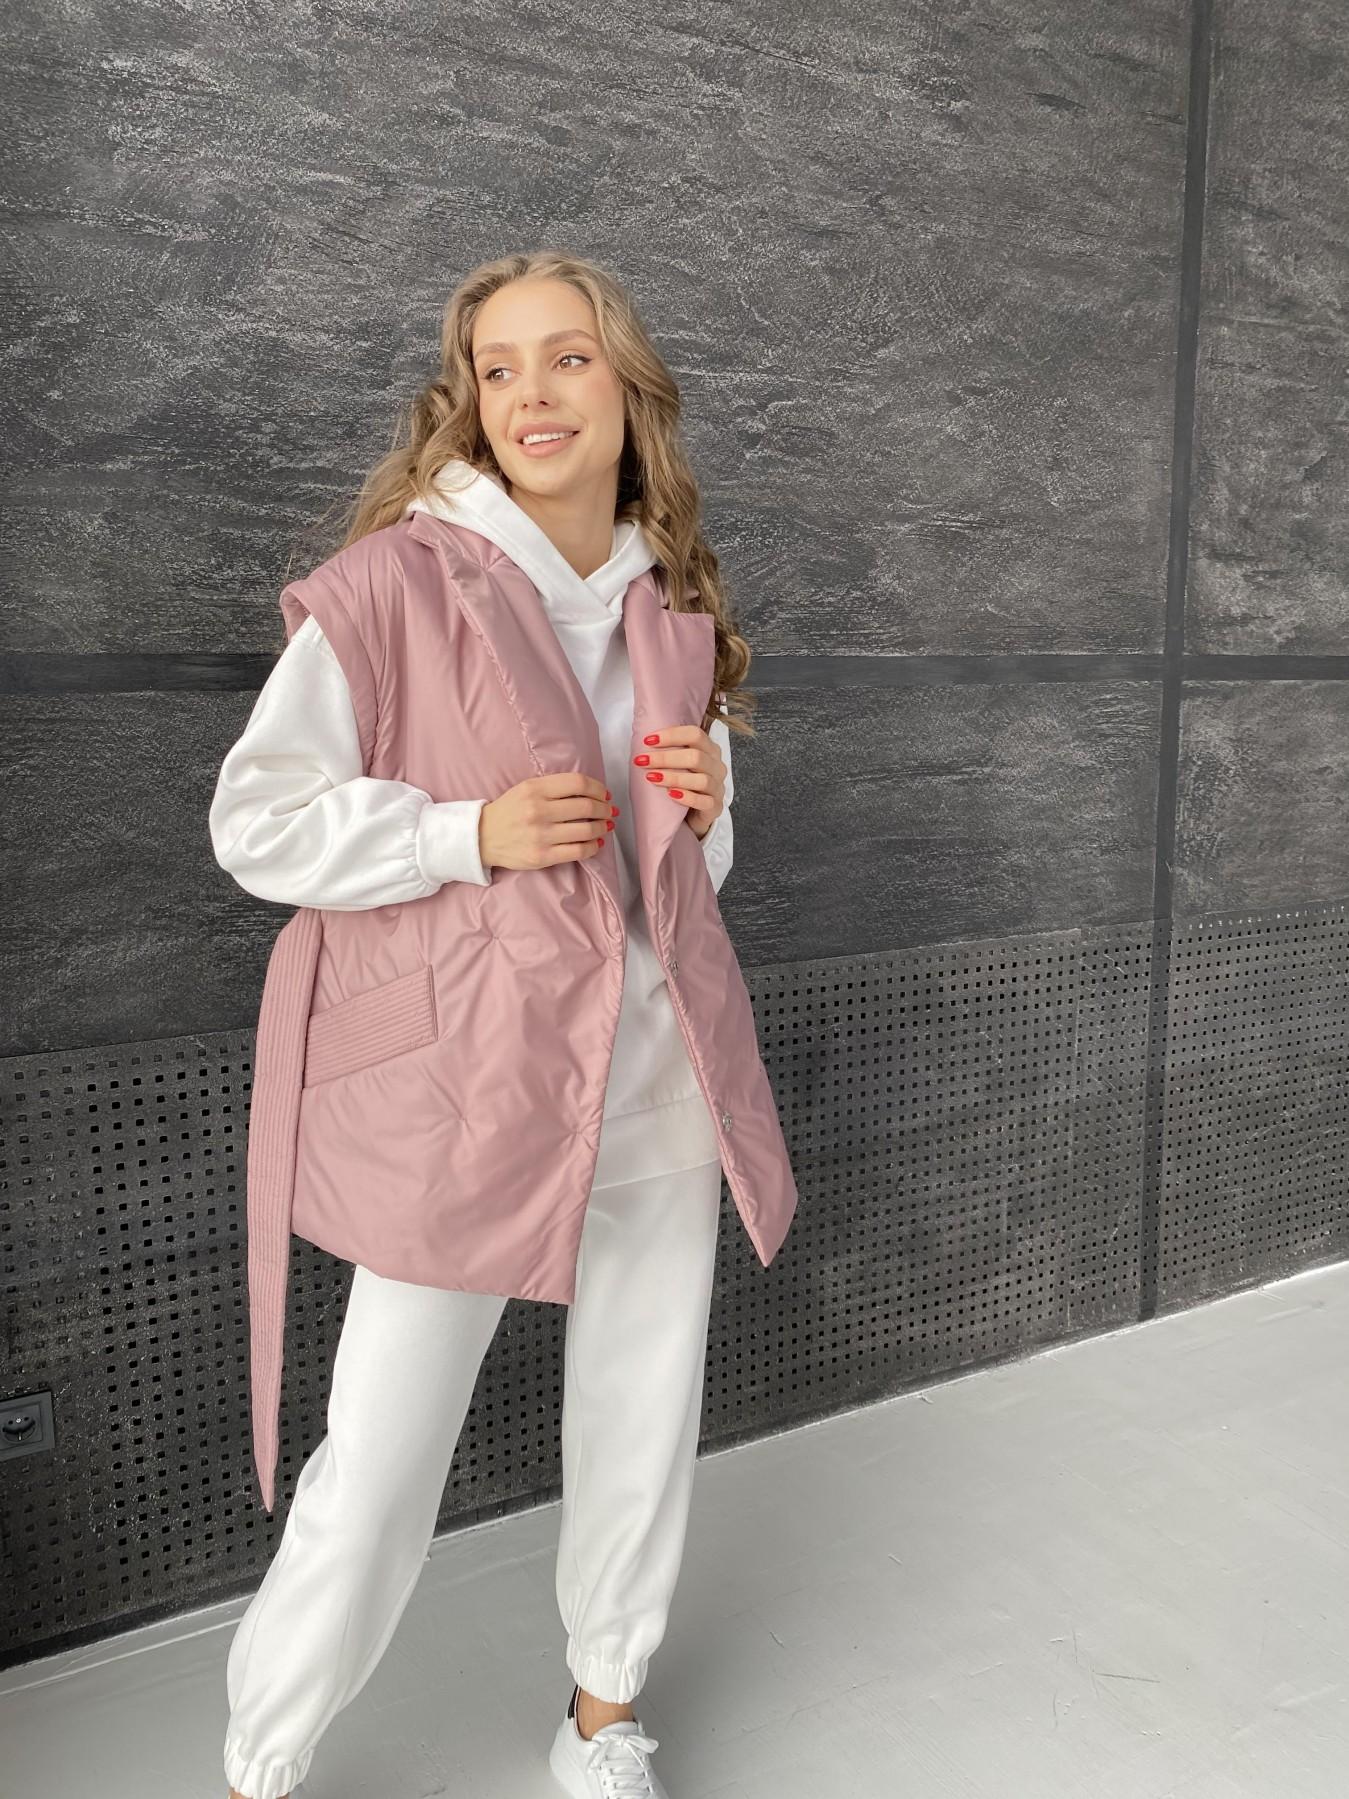 Форбс куртка из плащевой ткани 10986 АРТ. 47477 Цвет: Пудра - фото 13, интернет магазин tm-modus.ru